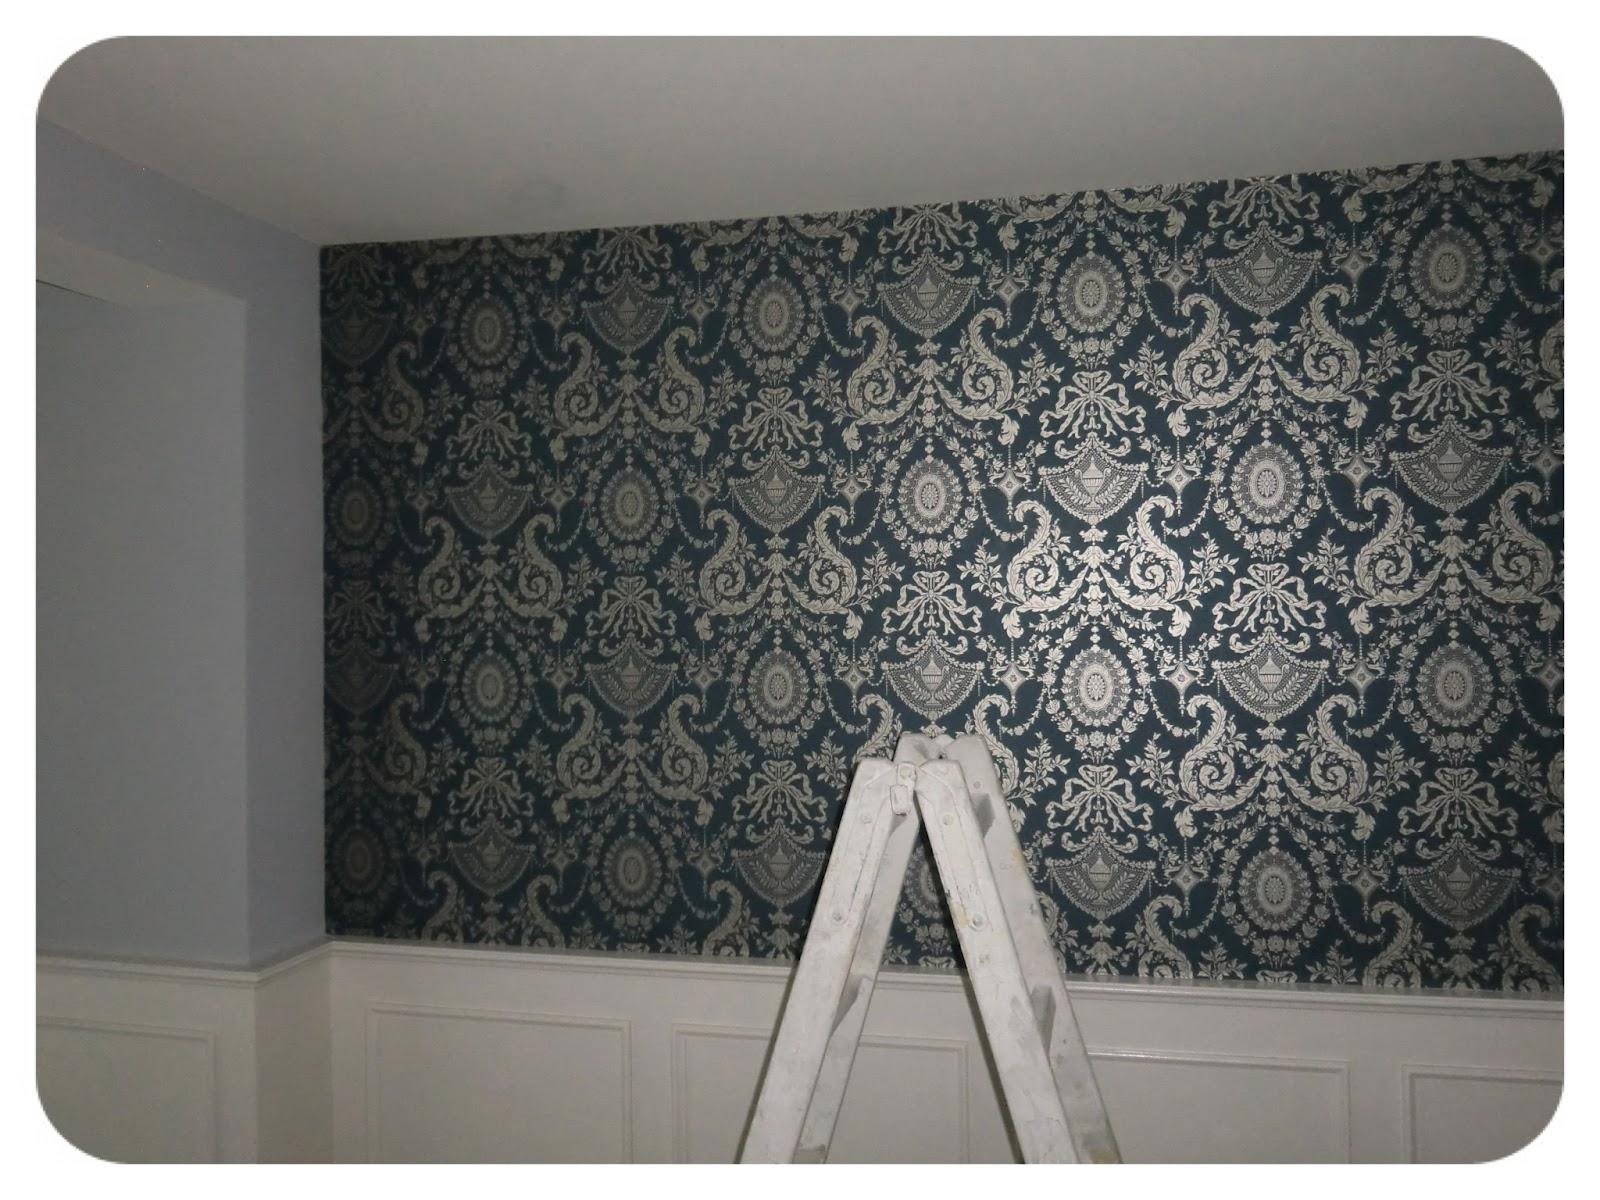 Einzigartig Gardinen Dekorationsvorschläge Wohnzimmer Design